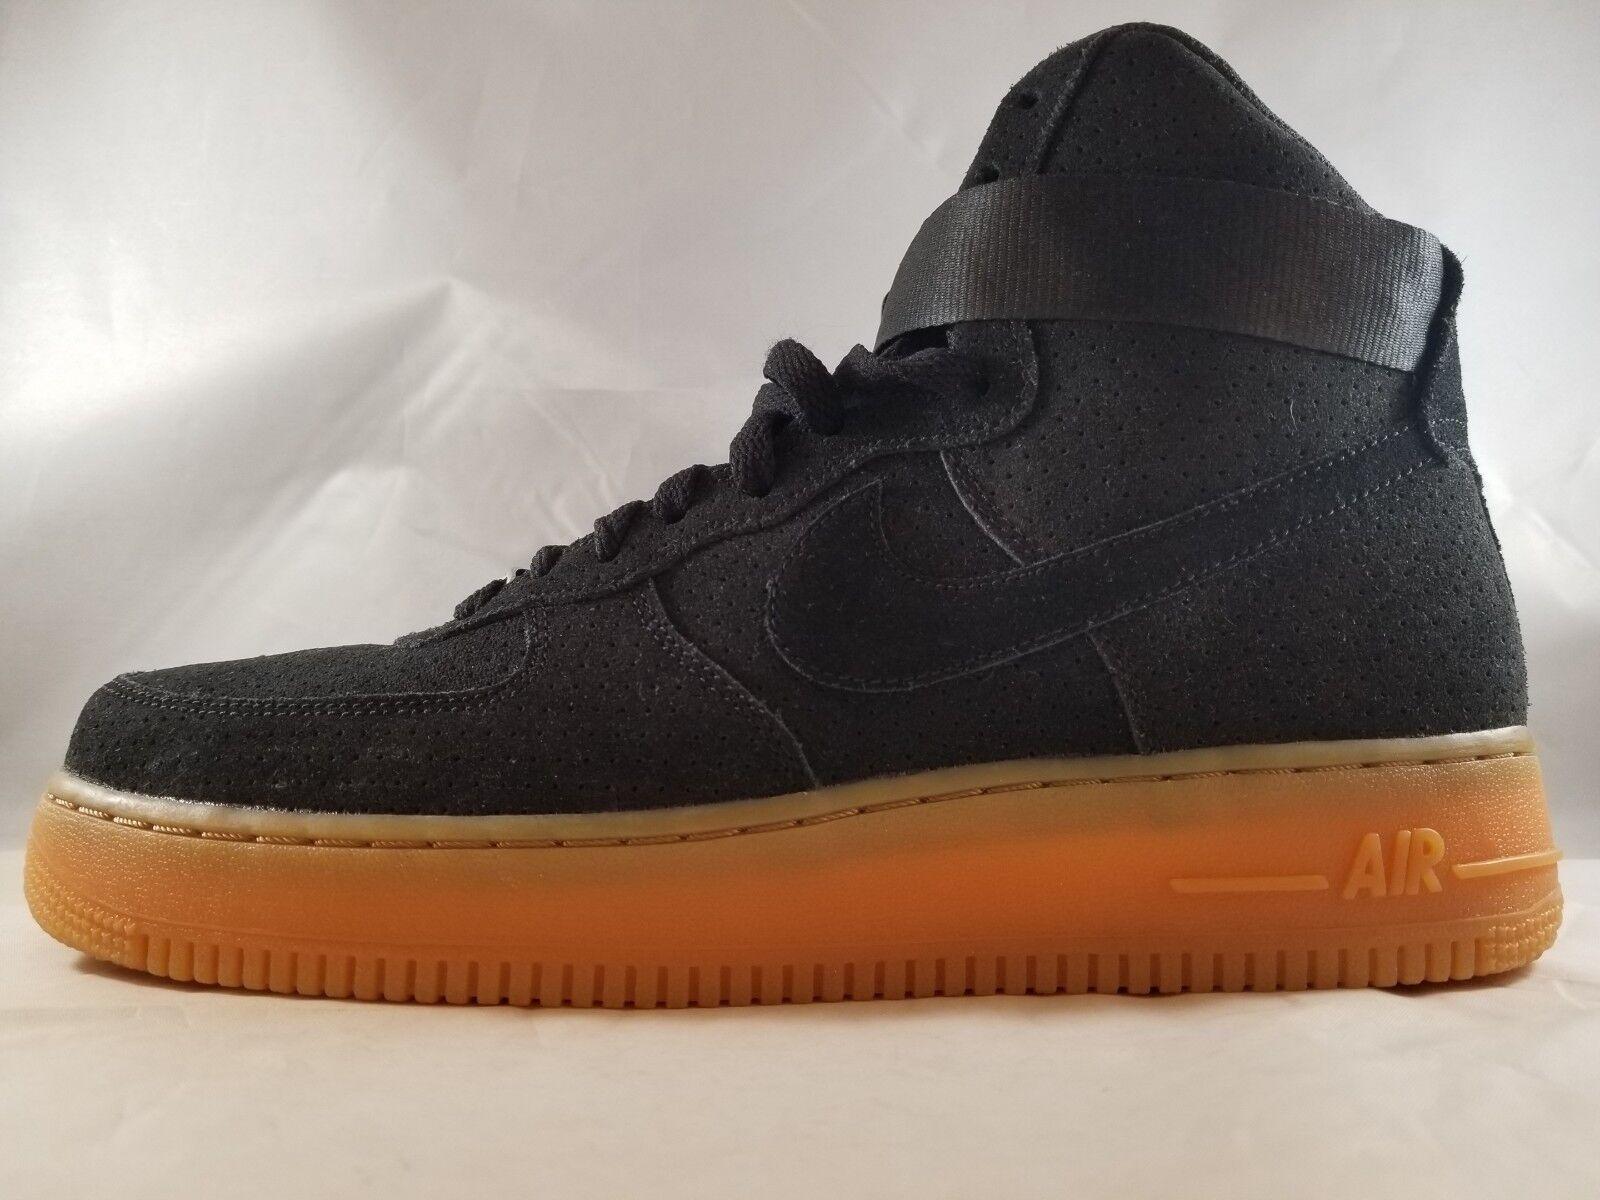 Nike Air Force 1 Hi Suede Wouomo Fashion  scarpe 74266 001 Dimensione 11  benvenuto a scegliere